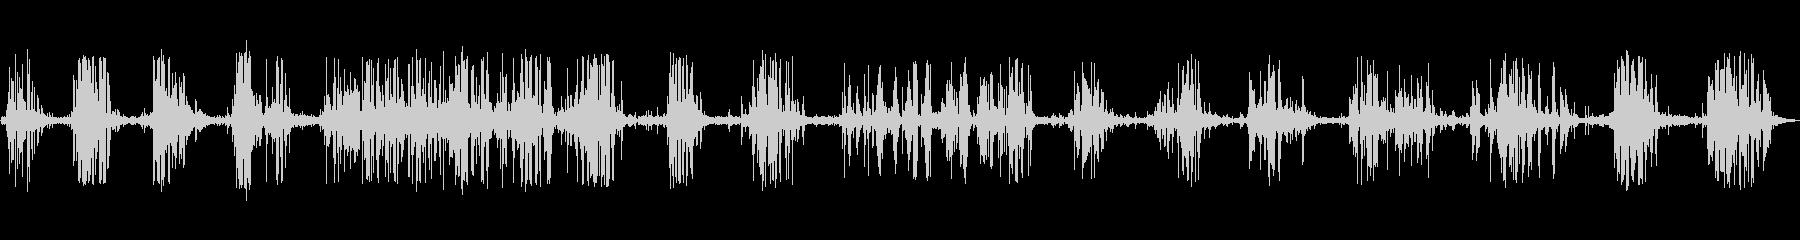 旧キャリッジ:さまざまなきしみ音と...の未再生の波形